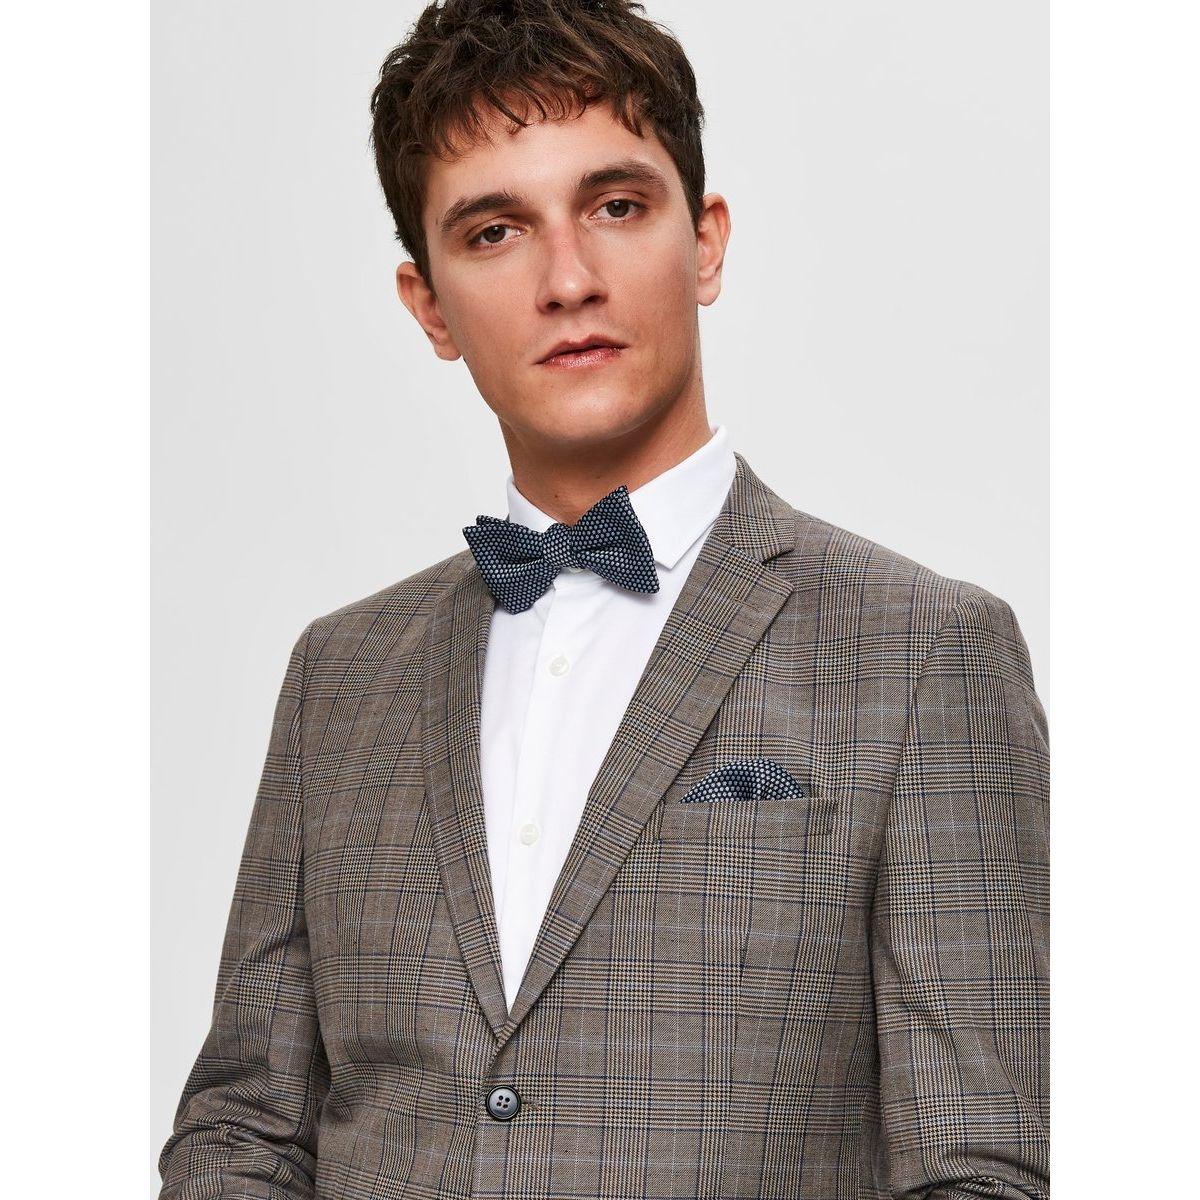 Cravate Nœud papillon ou cravate